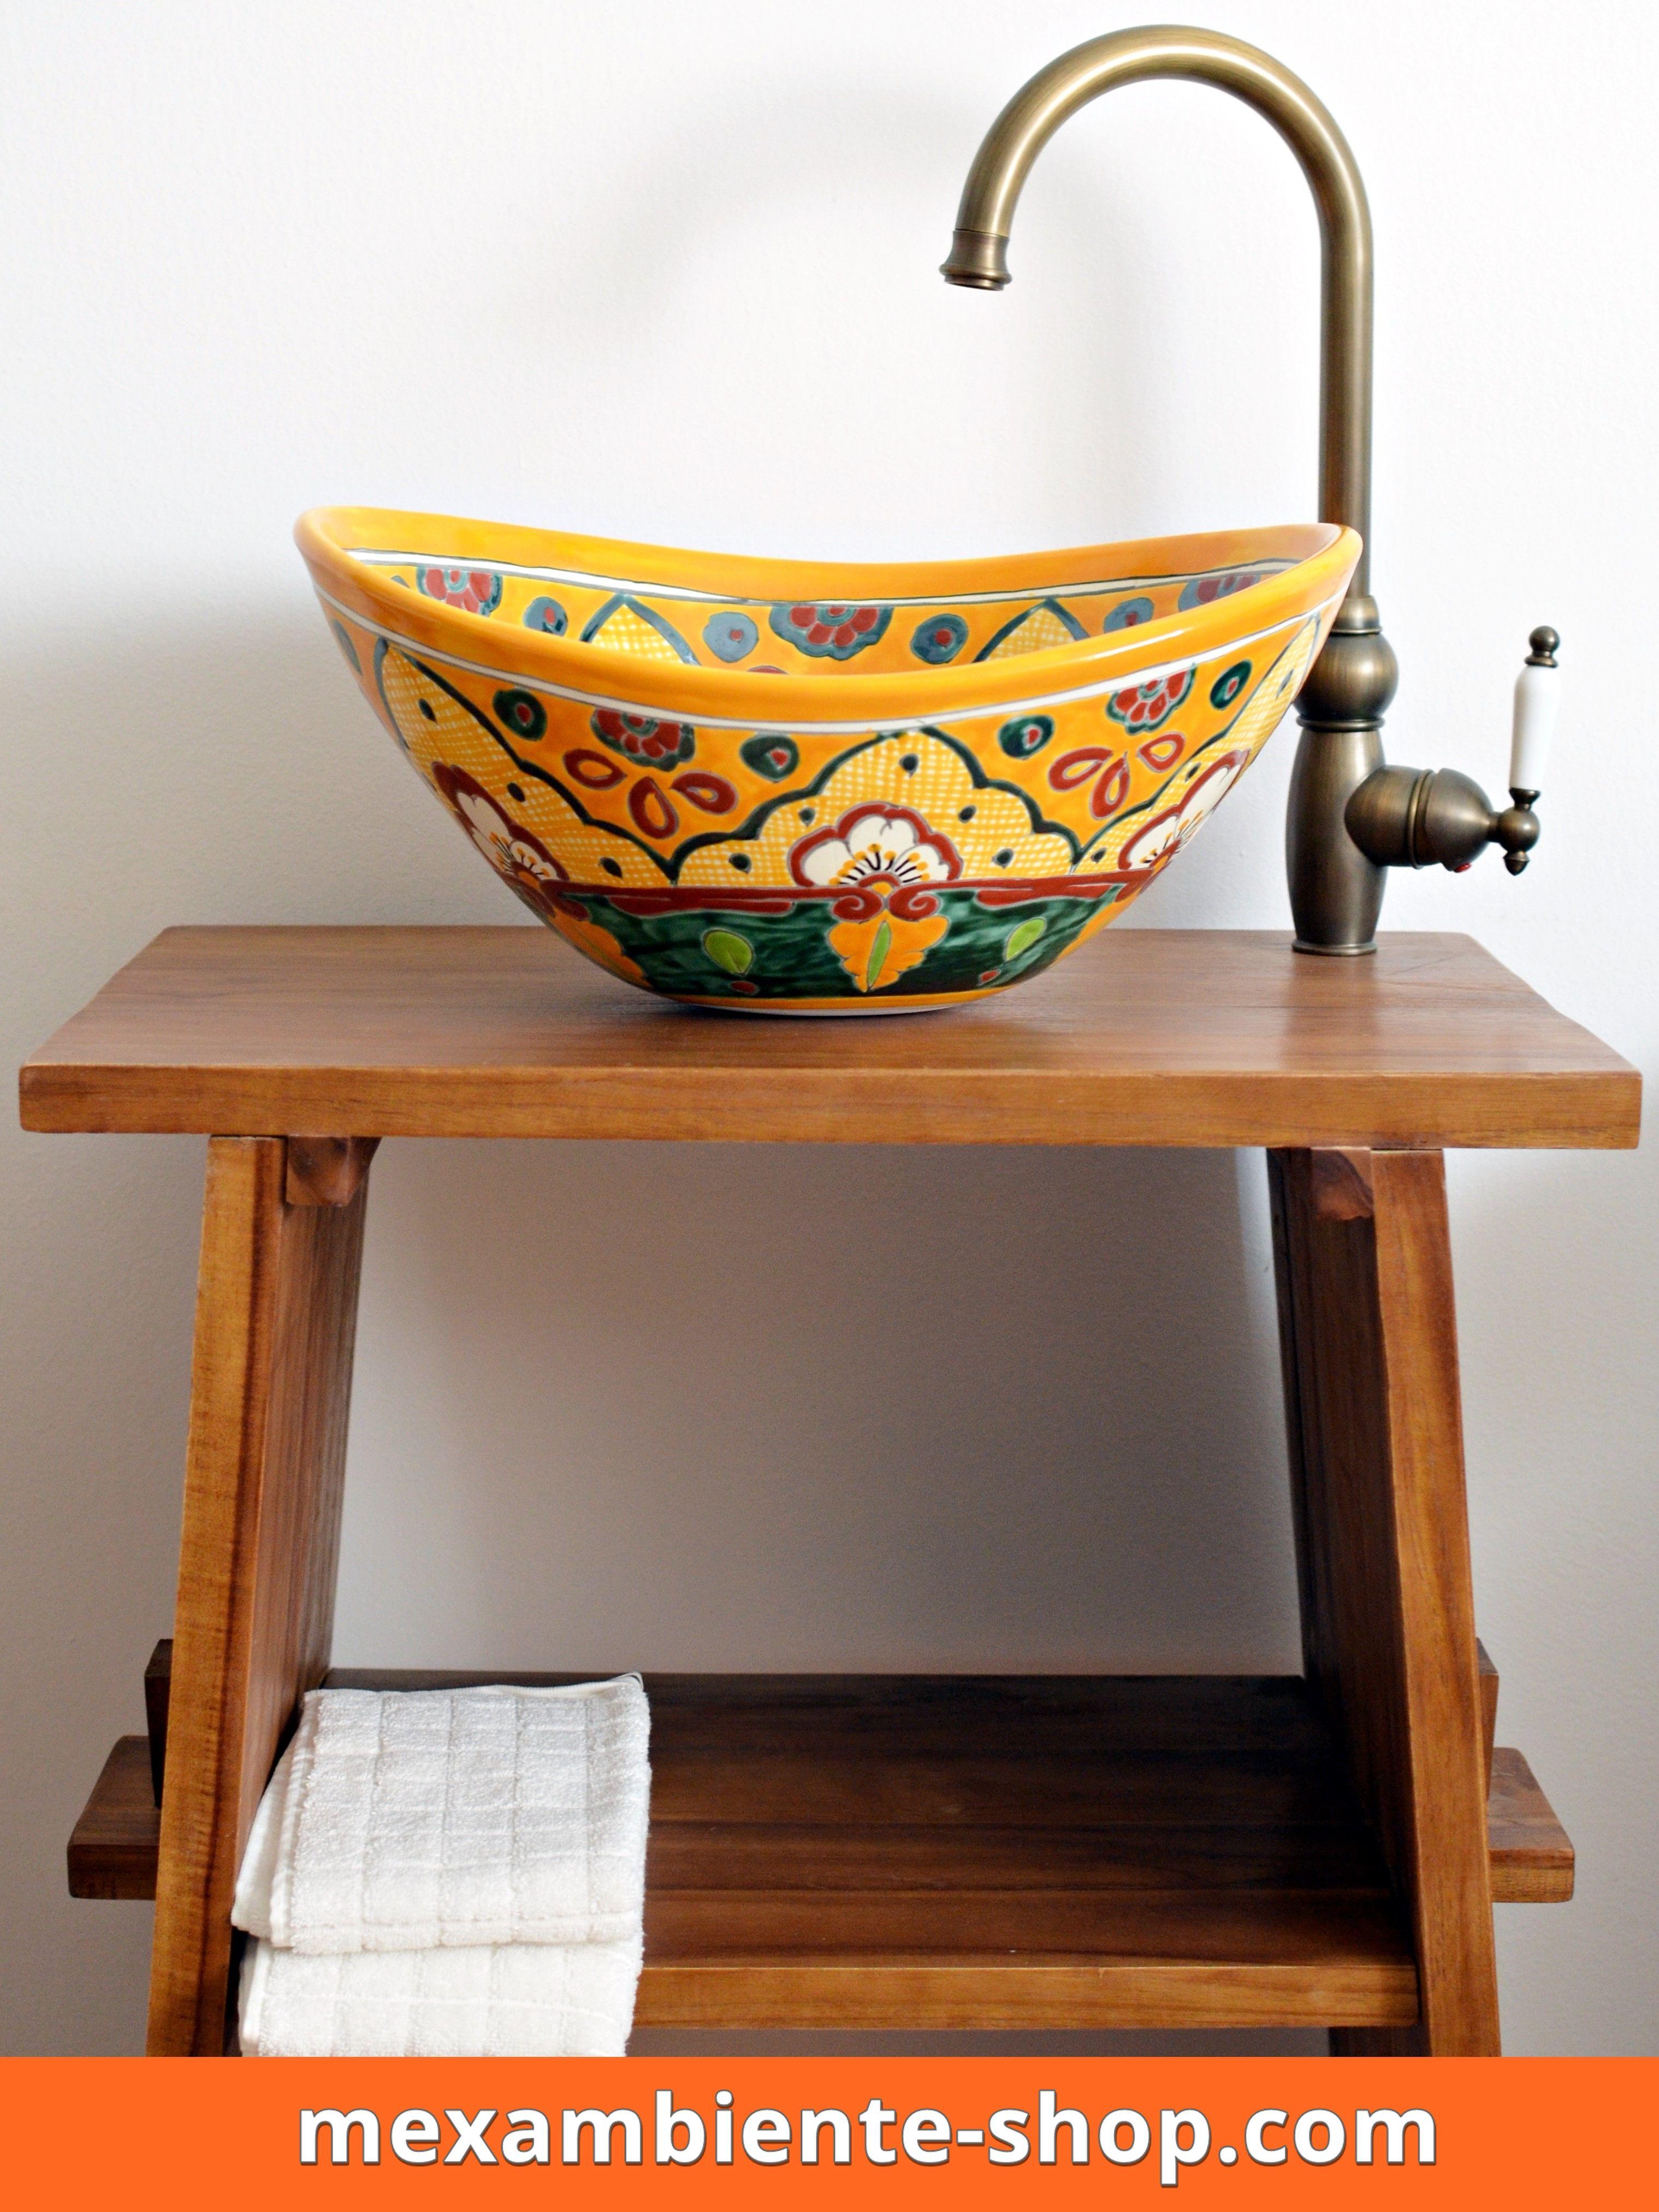 Exquisit Ausgefallene Waschbecken Foto Von Gäste Wc Aus Mexiko In Mango Gelb,